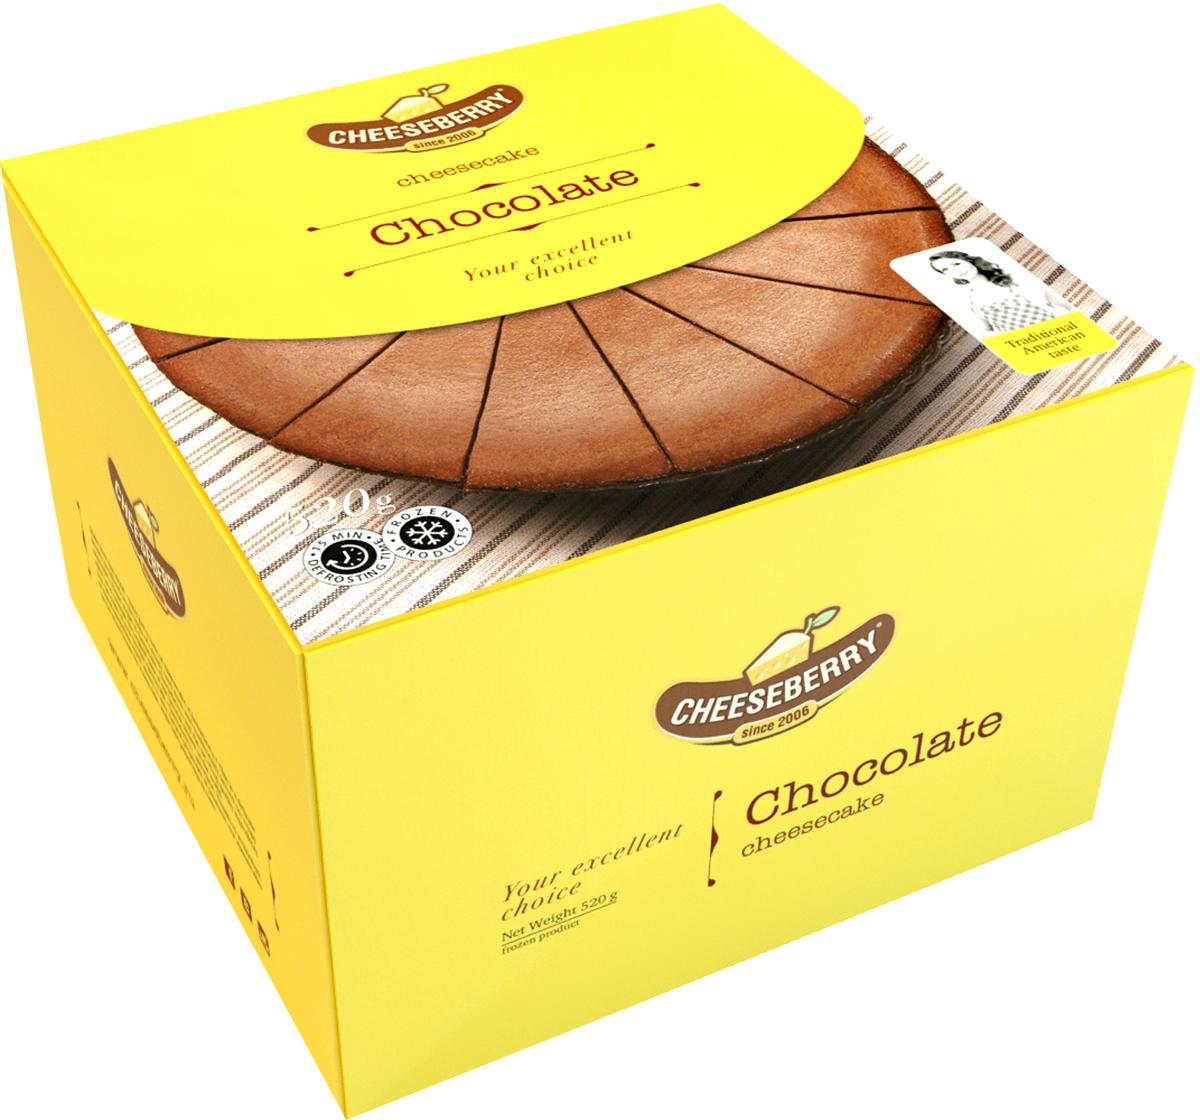 Шоколадный чизкейк – классика жанра. Натуральный темный шоколад и нежная творожно-сливочная масса удачно соче-таются с песочным коржом, создавая потрясающий вкус, слегка напоминающий сливочное шоколадное мороженое.